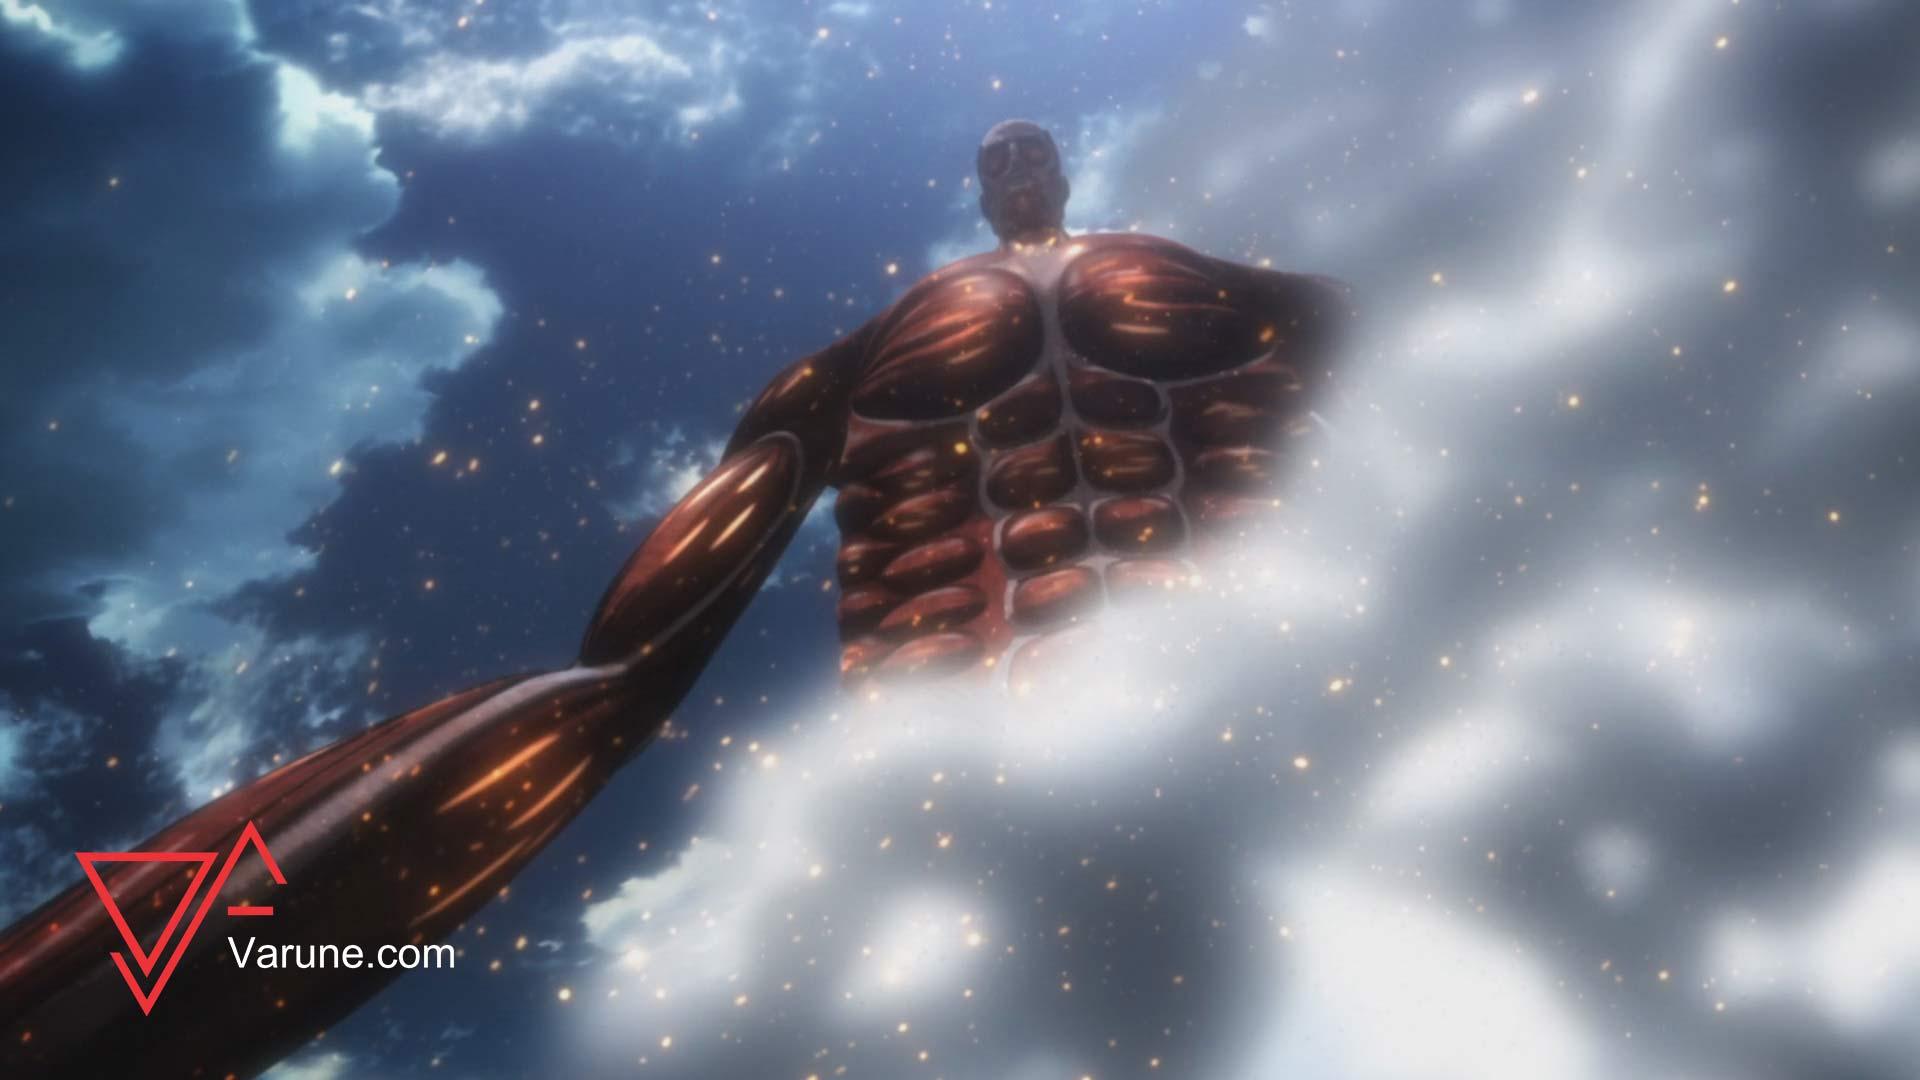 بررسی قسمت پانزدهم فصل سوم انیمه Attack on Titan